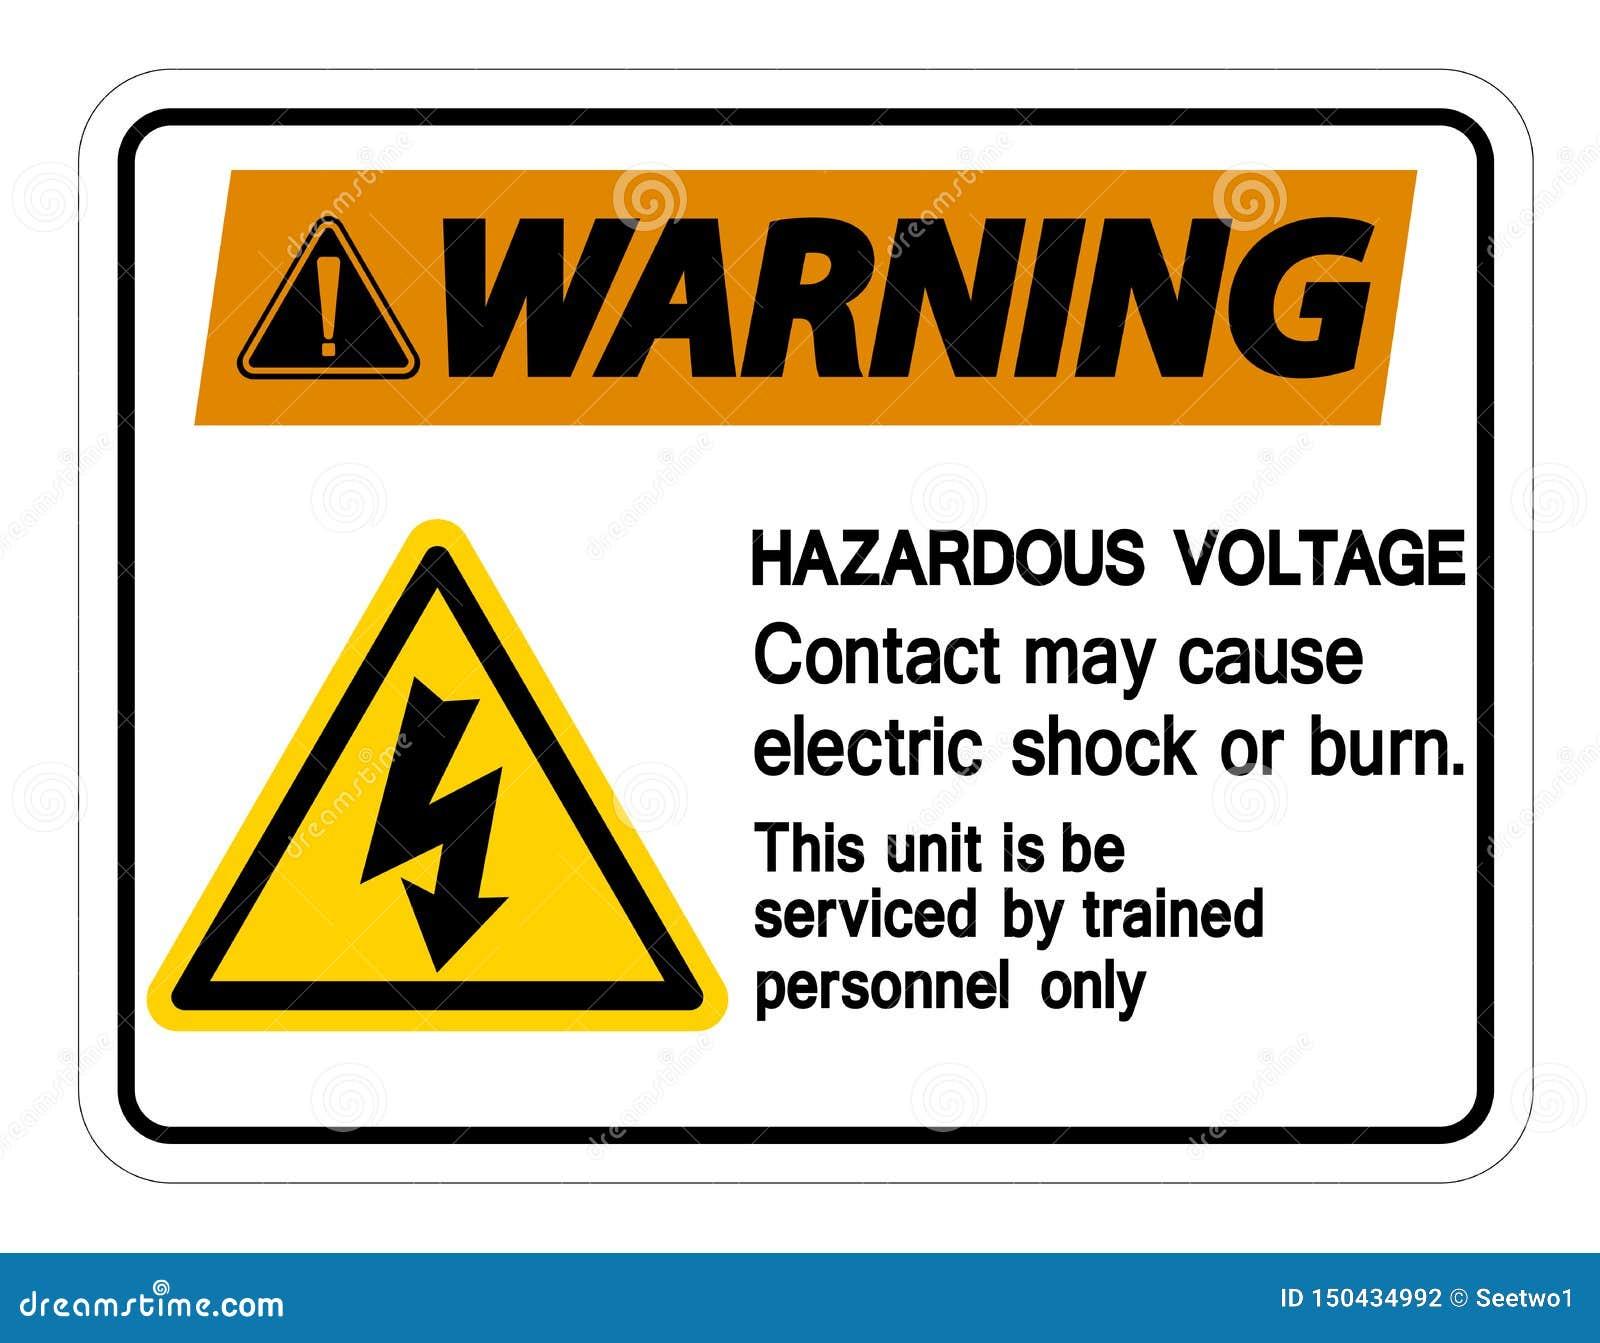 警告的危害电压联络也许导致电击或烧伤在白色背景,传染媒介例证的标志孤立